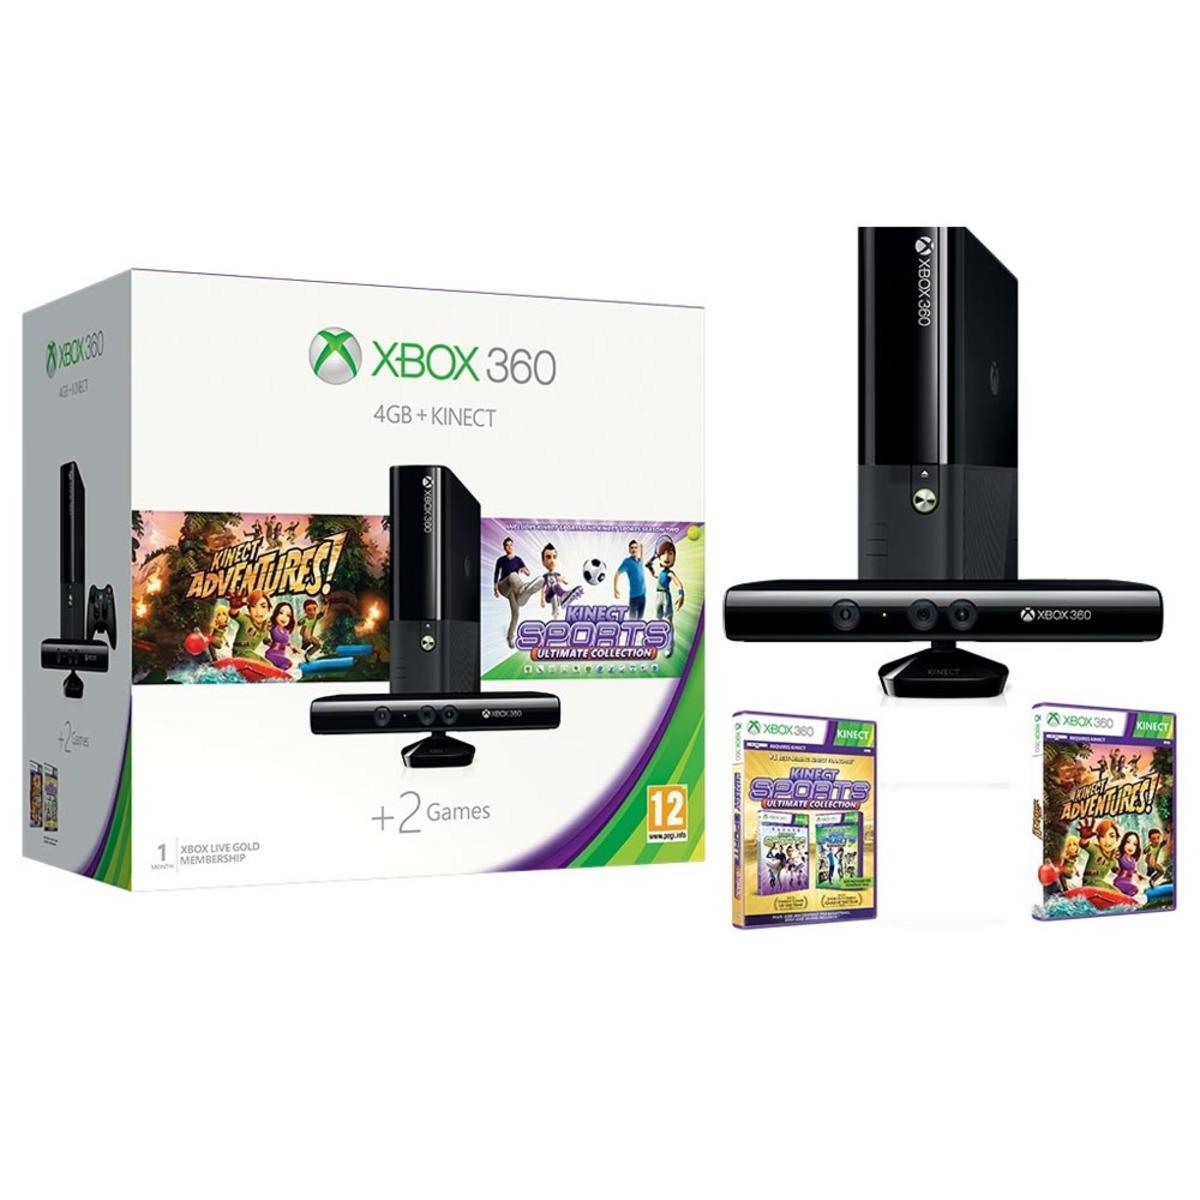 Buy Xbox 360 4GB With Kinect Sensor + Kinect Adventure + Kinect